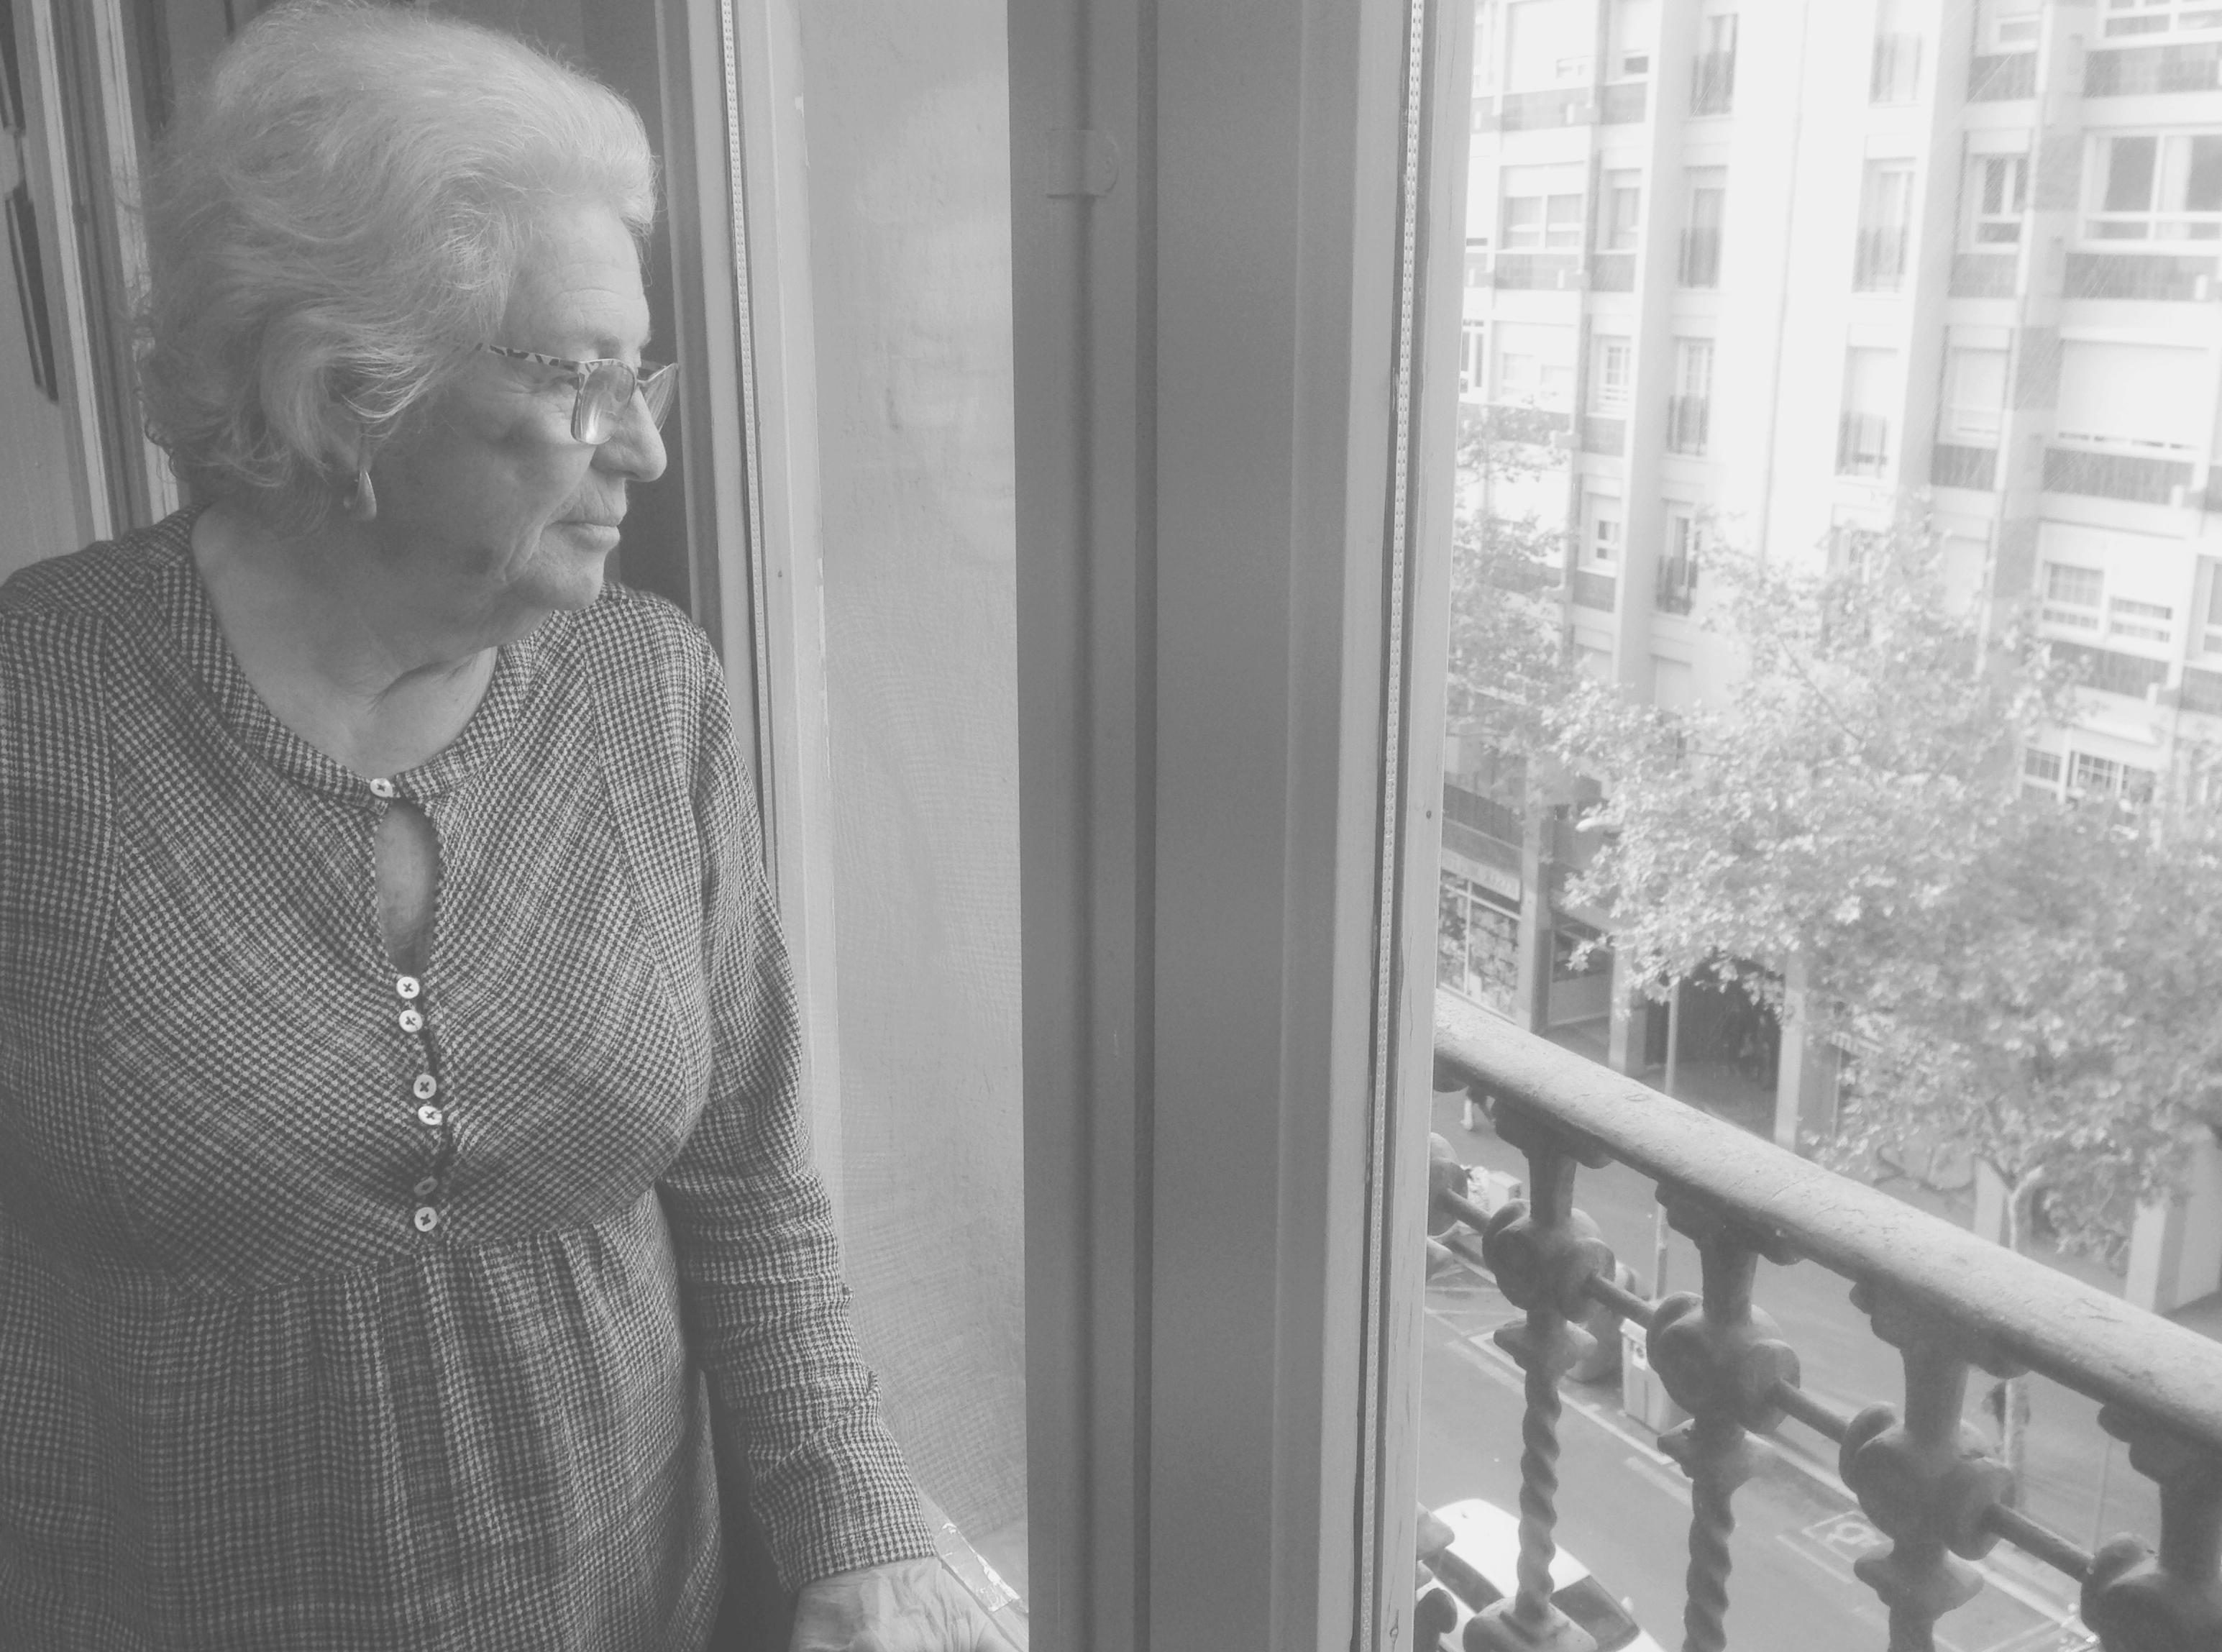 La Síndica de Greuges observant la ciutat des del balcó del seu despatx.